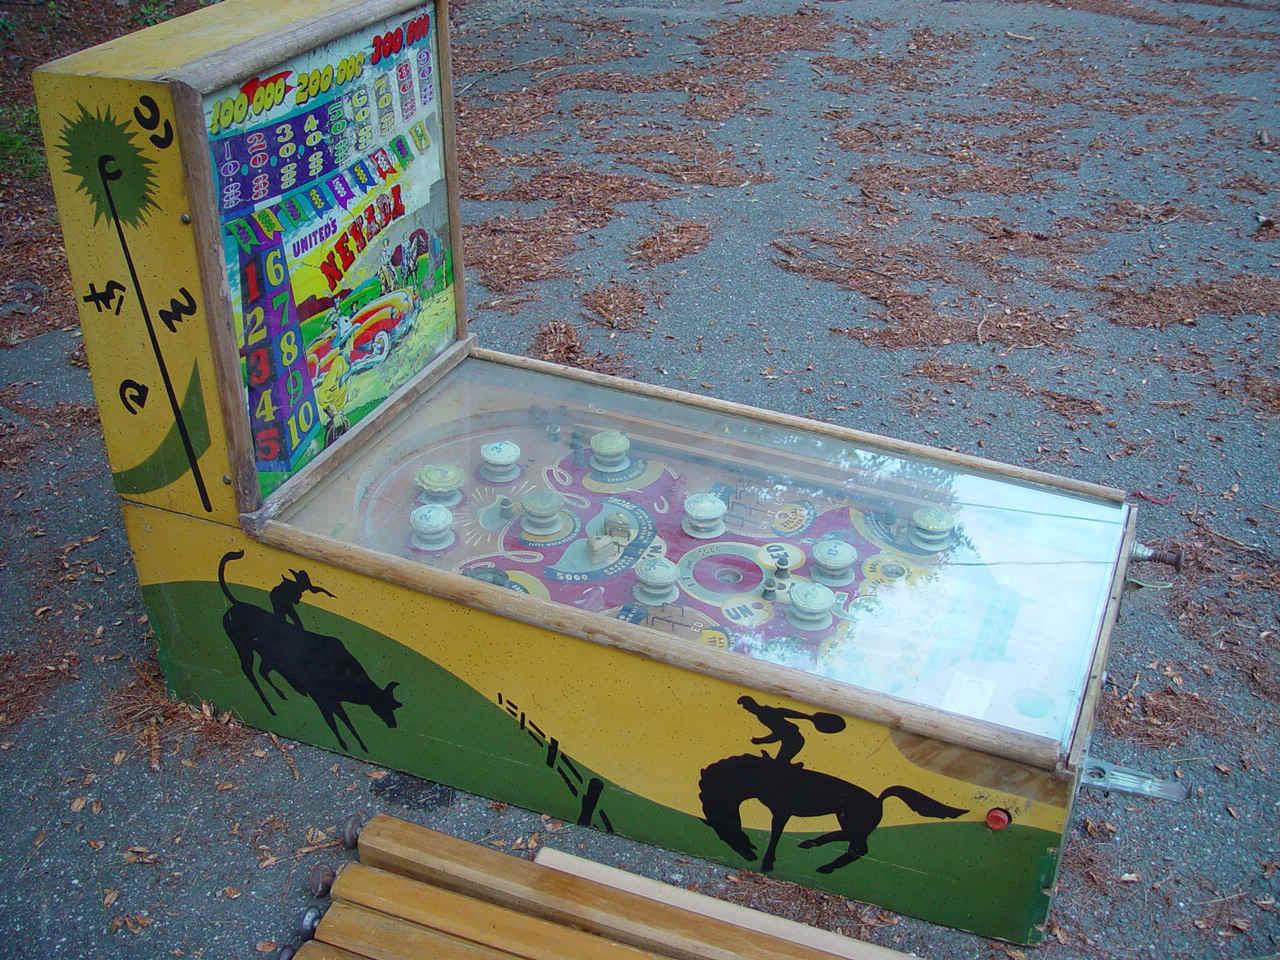 pinball machine for sale in massachusetts